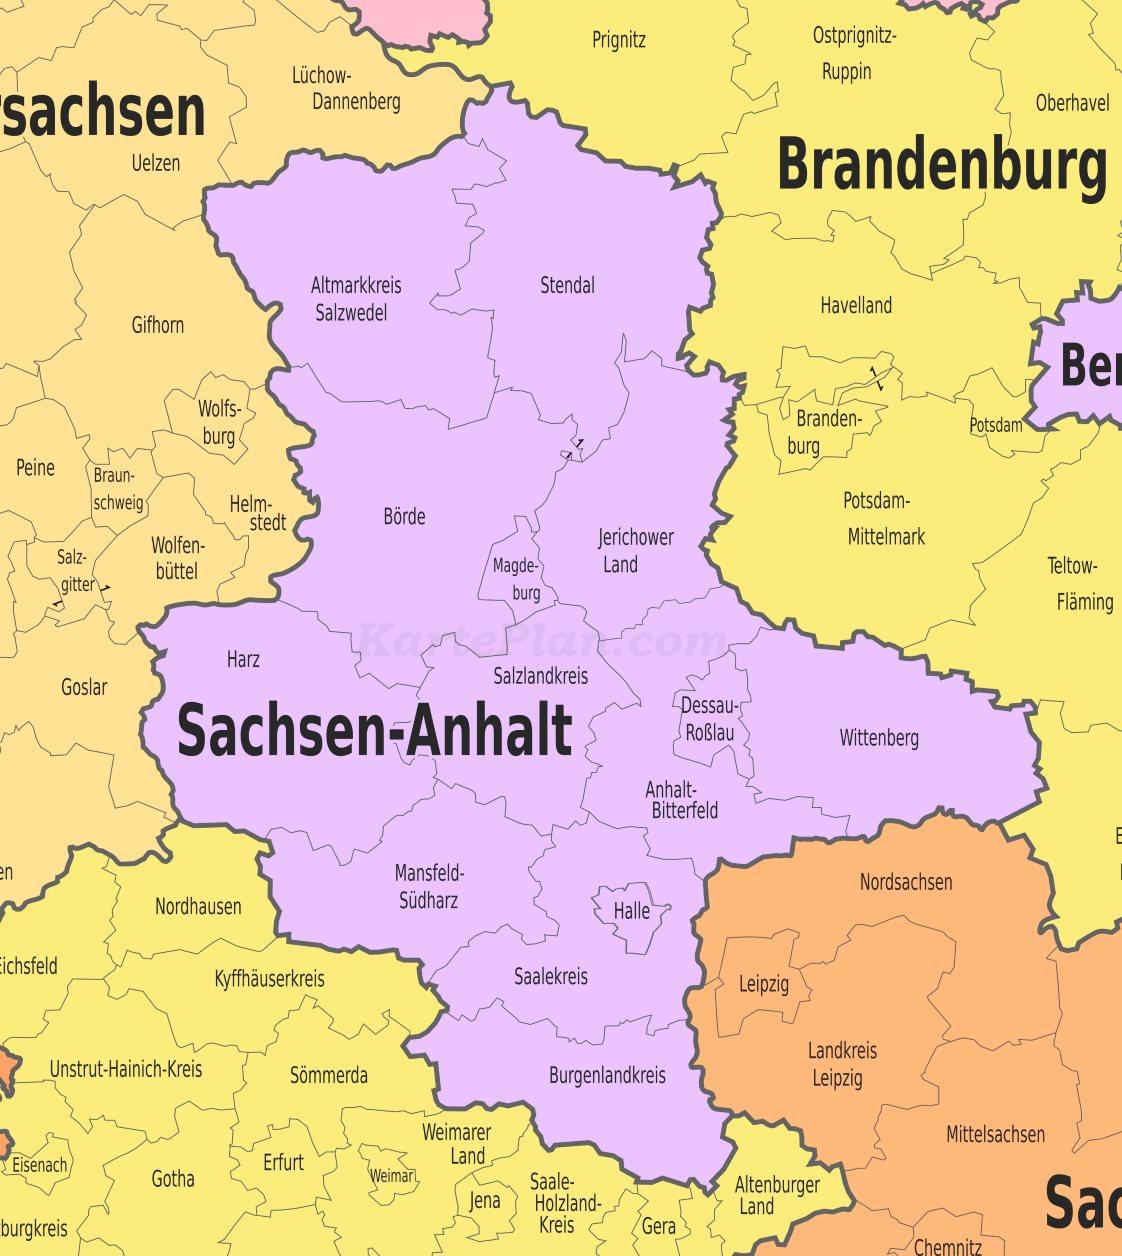 Karte Sachsen Anhalt.Verwaltungskarte Von Sachsen Anhalt